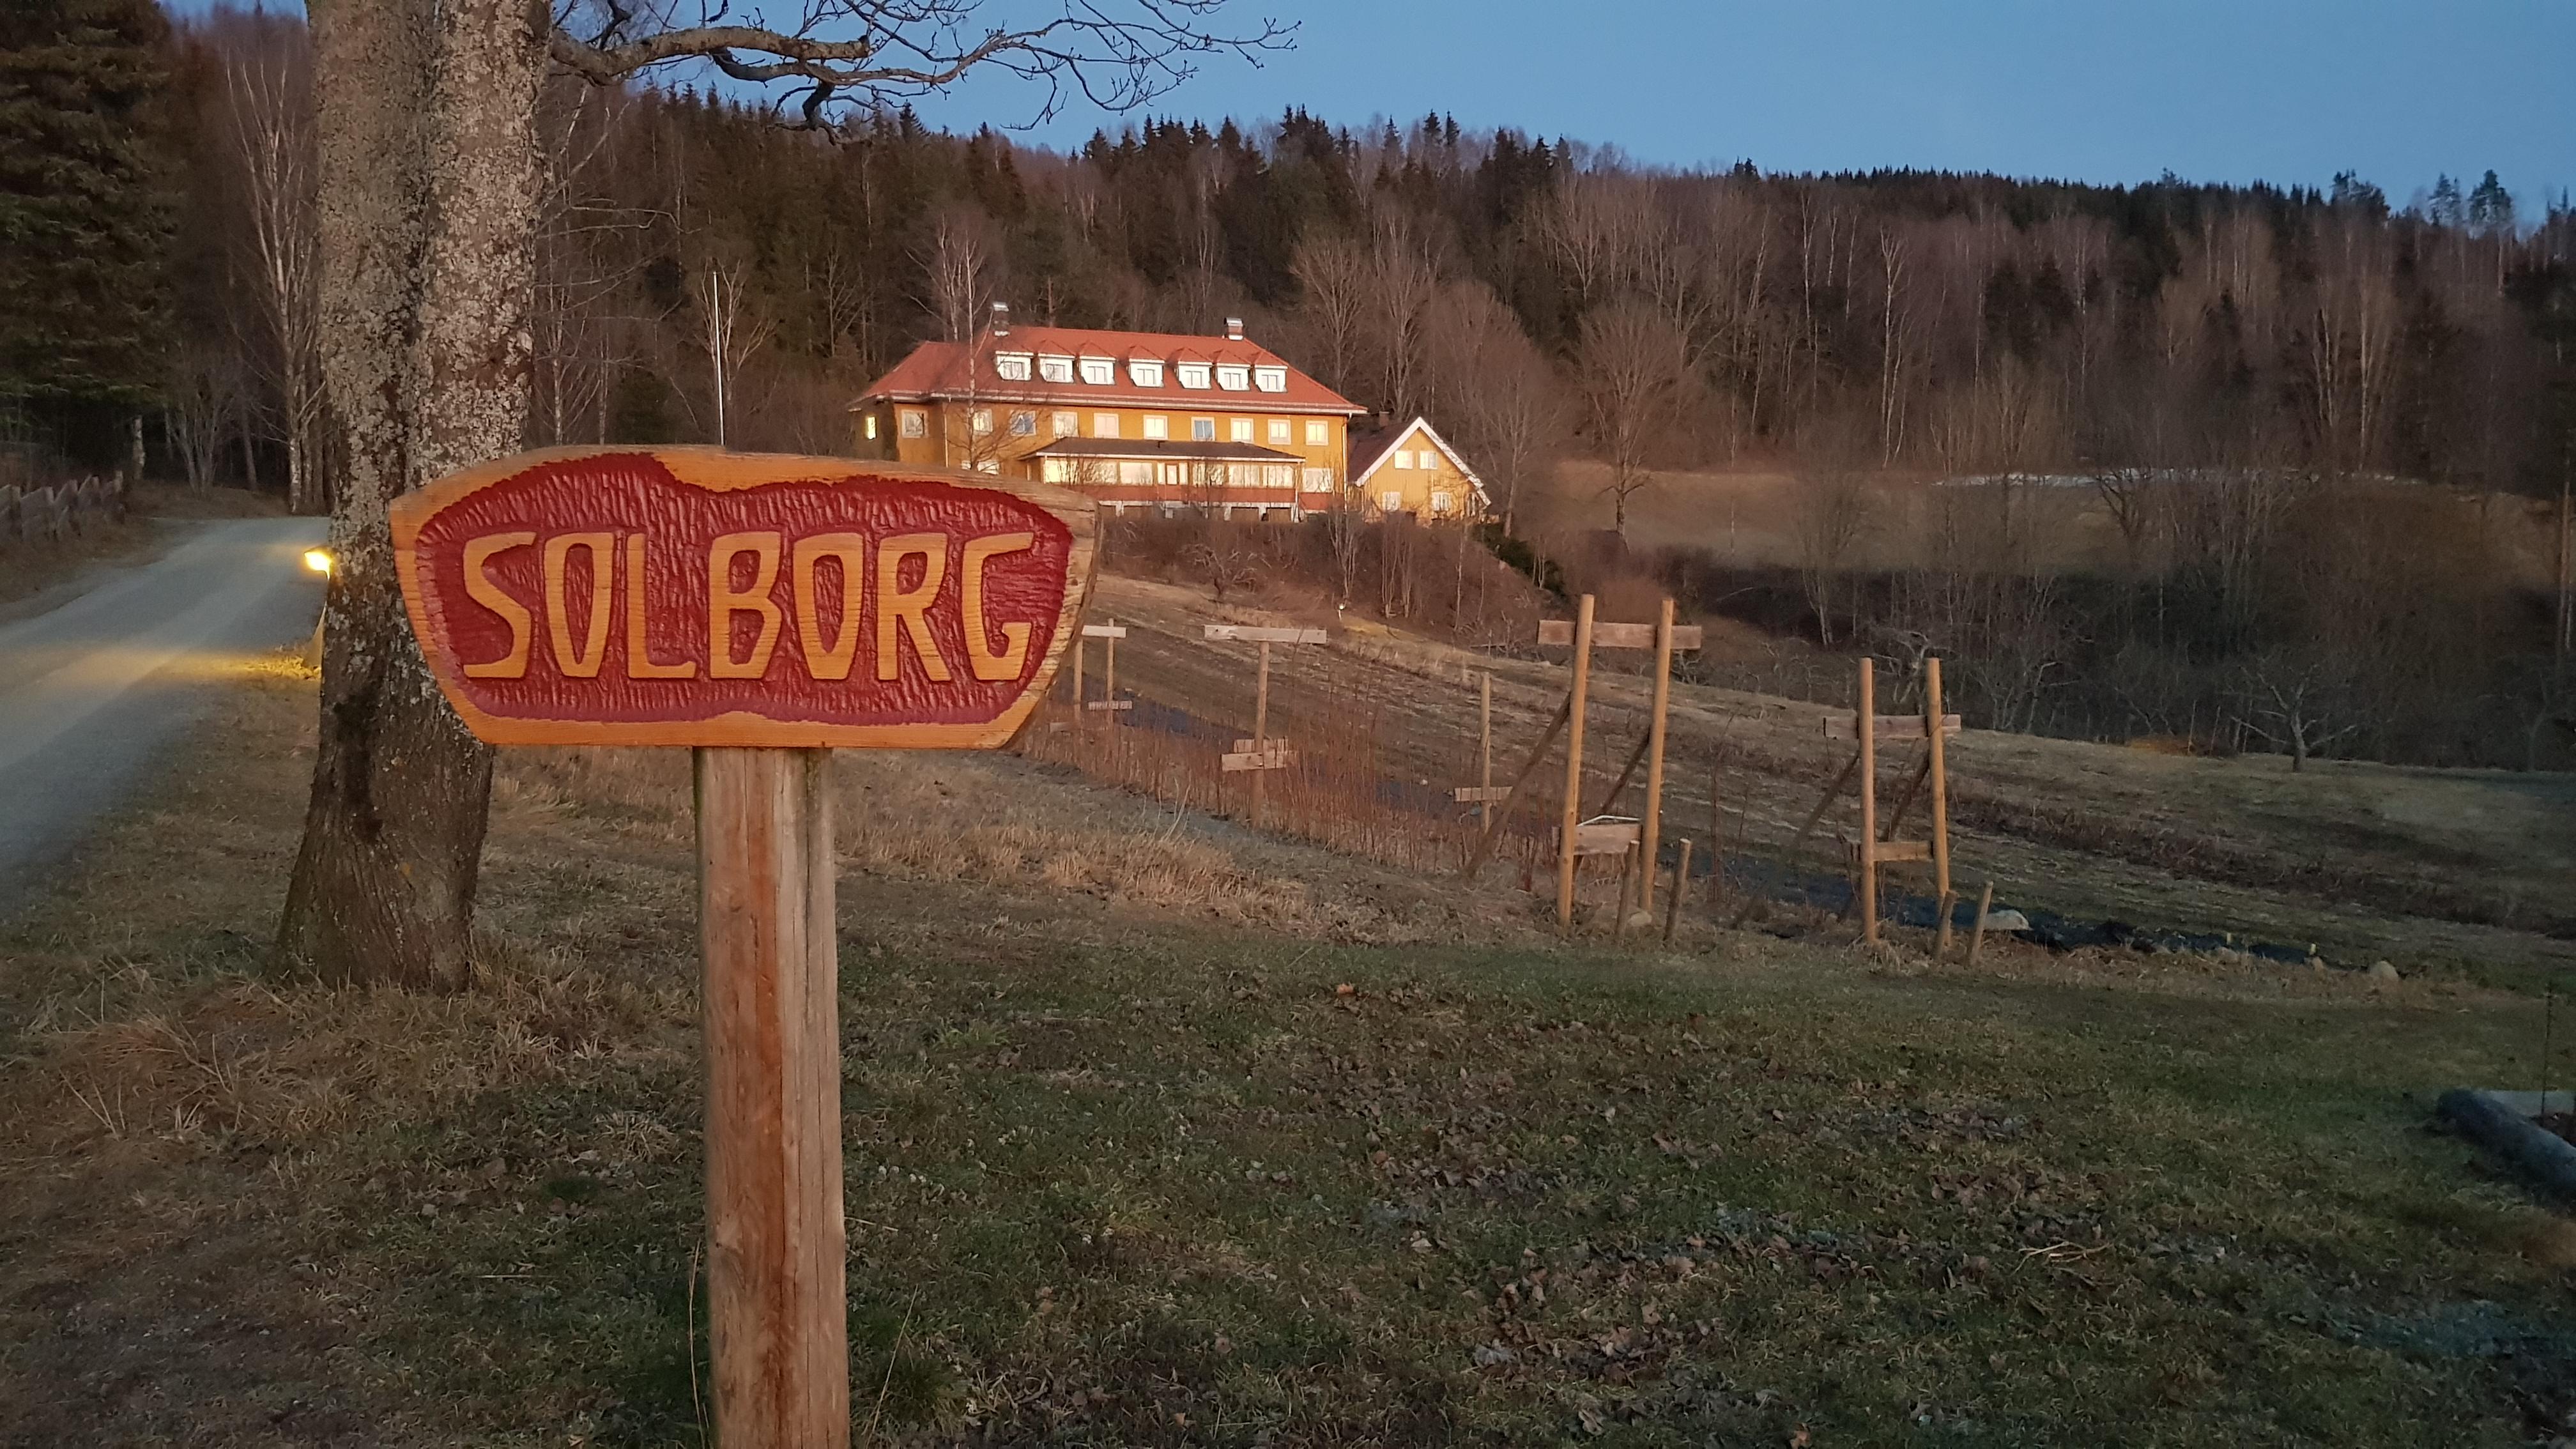 Solborg